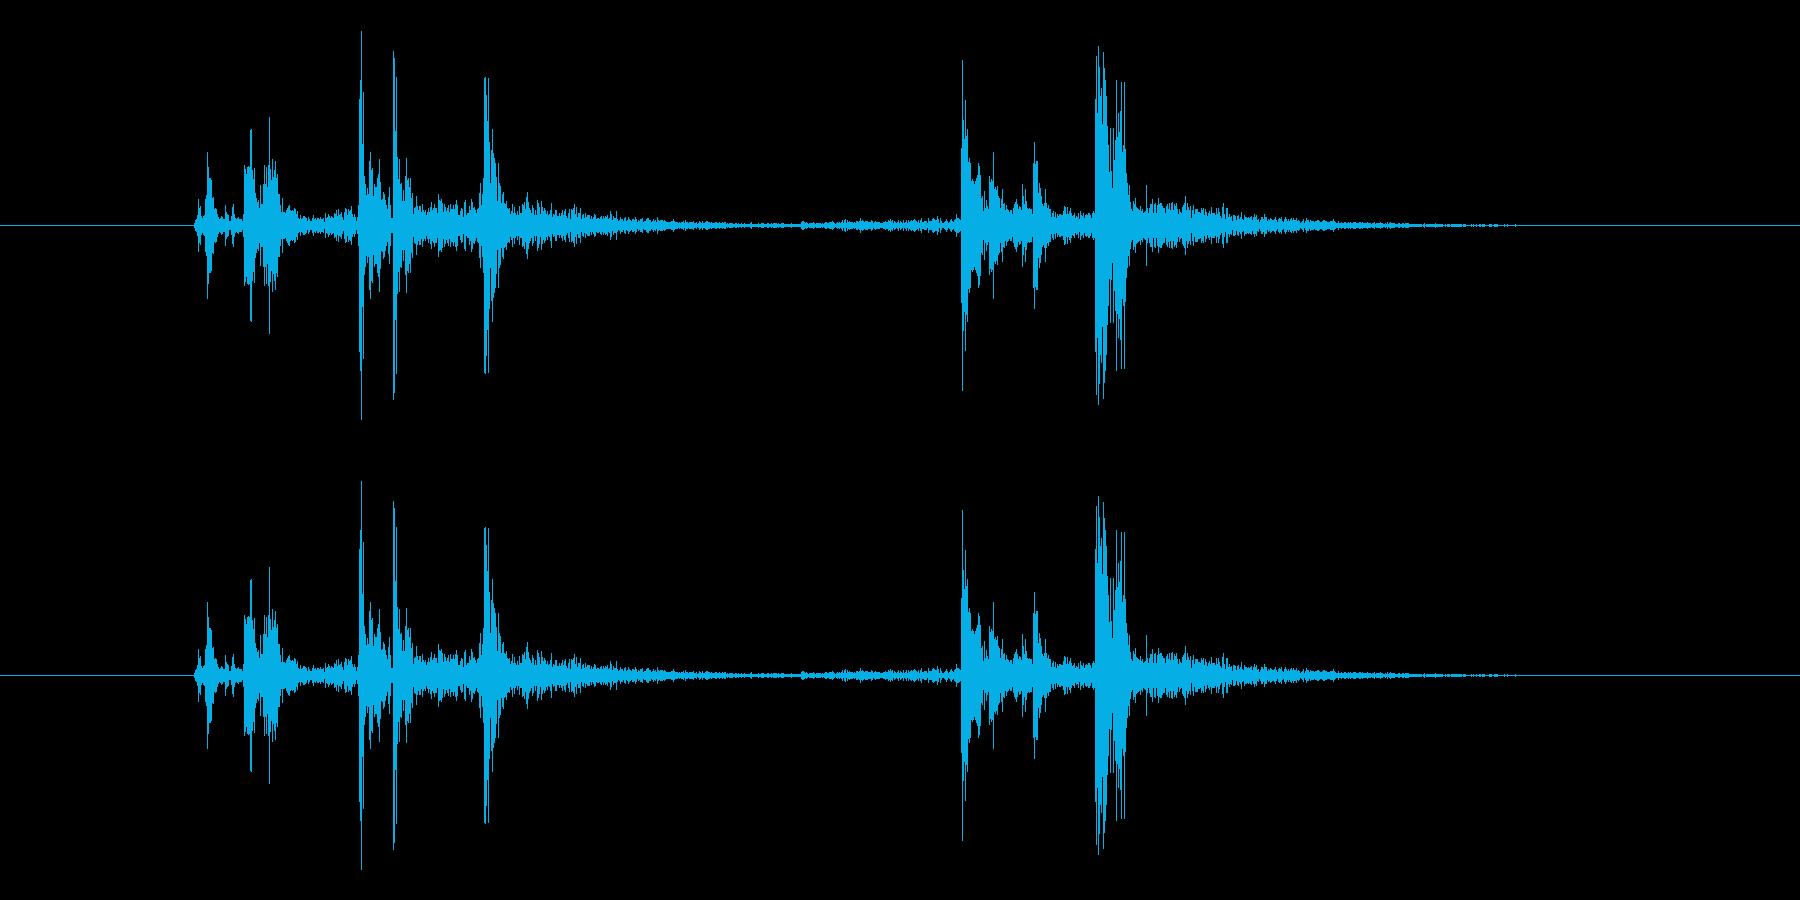 ガシャッ (銃器リロード音)の再生済みの波形